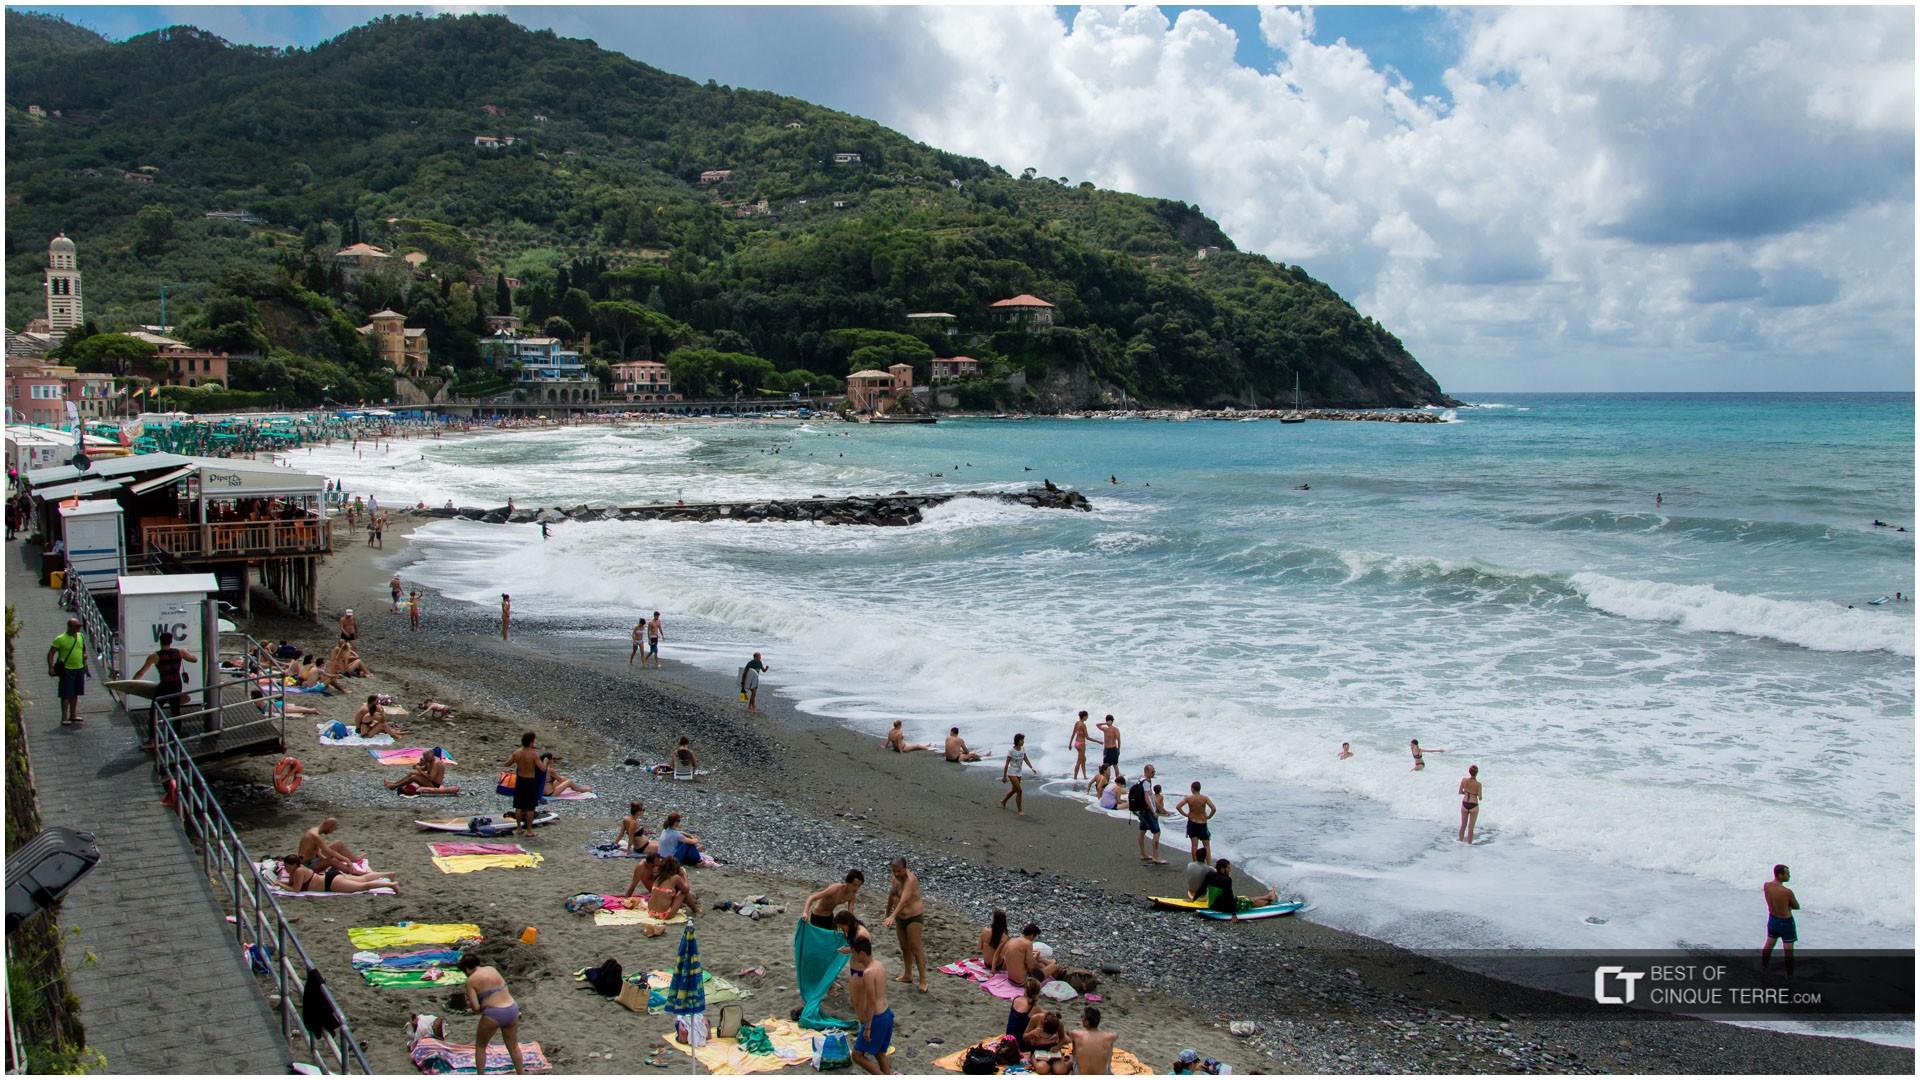 Beach Levanto Italy